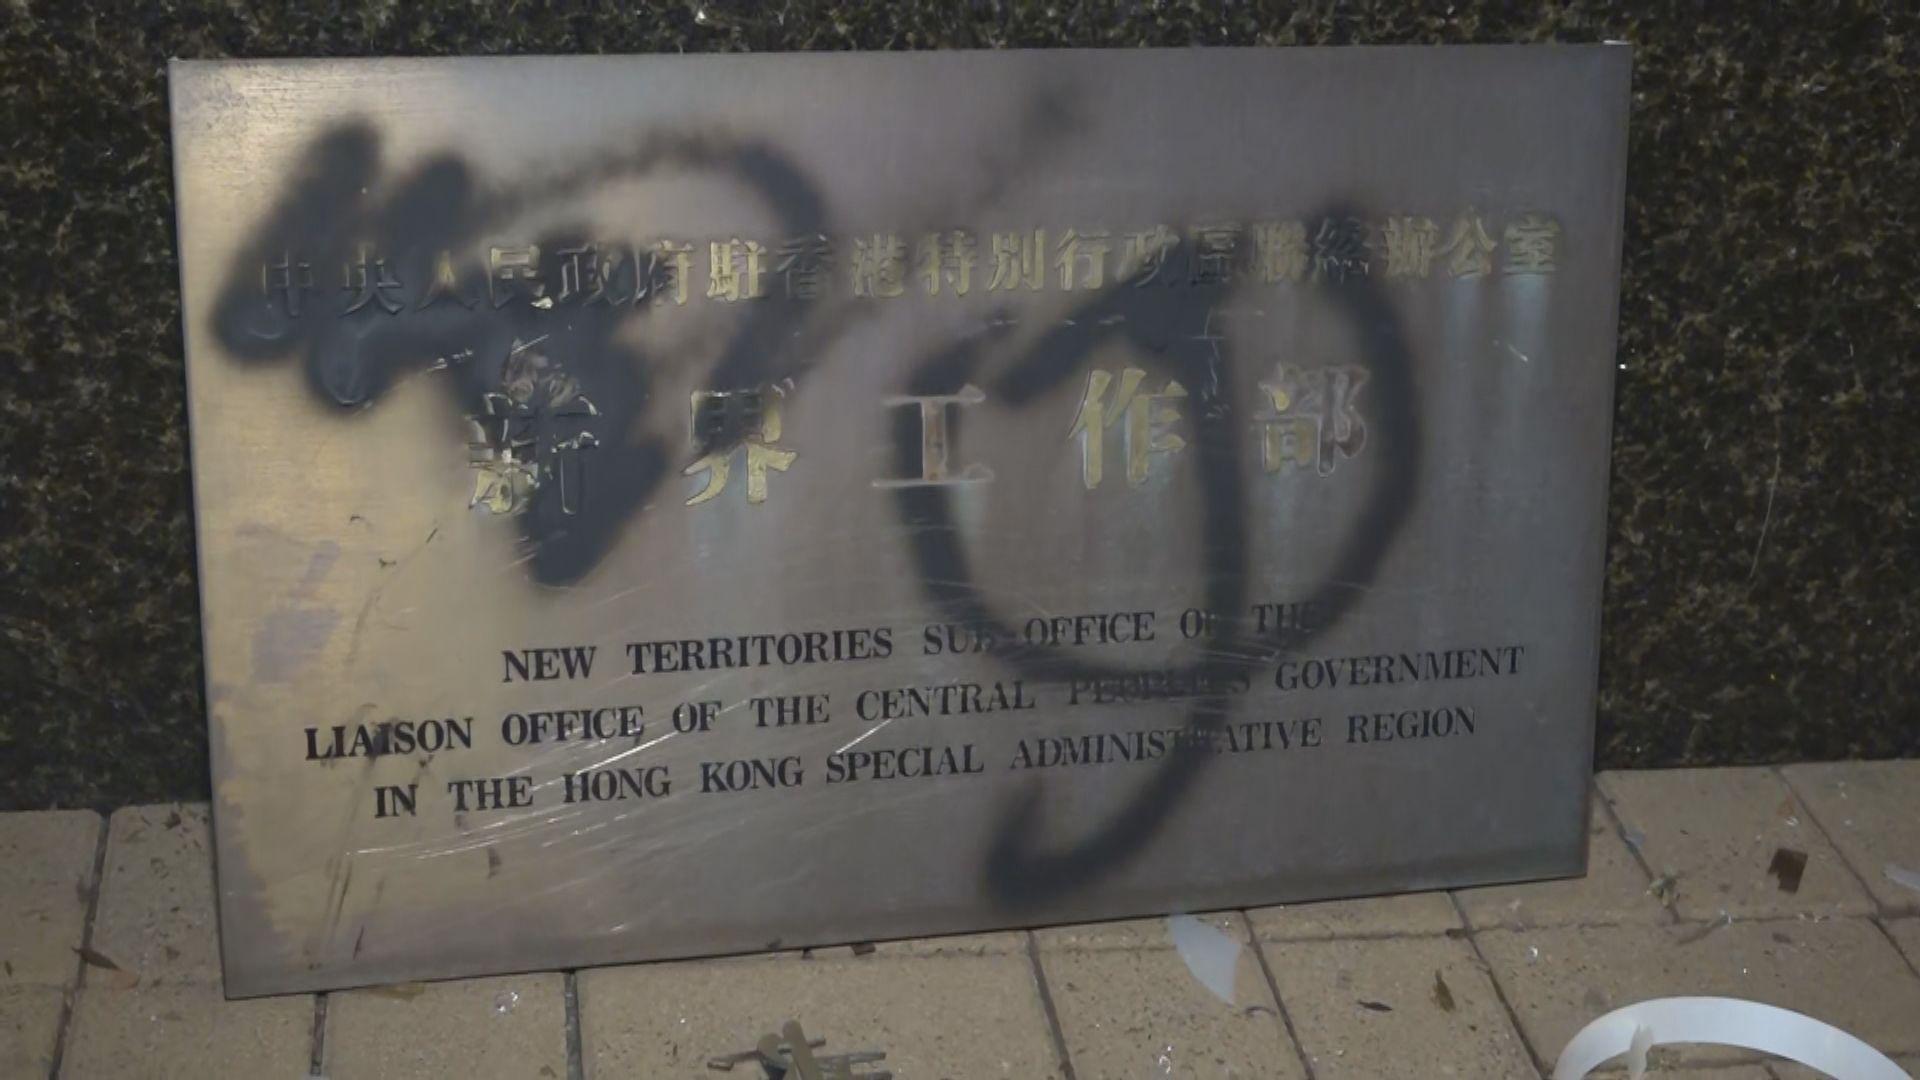 中聯辦新界辦事處及鄉議局大樓被破壞